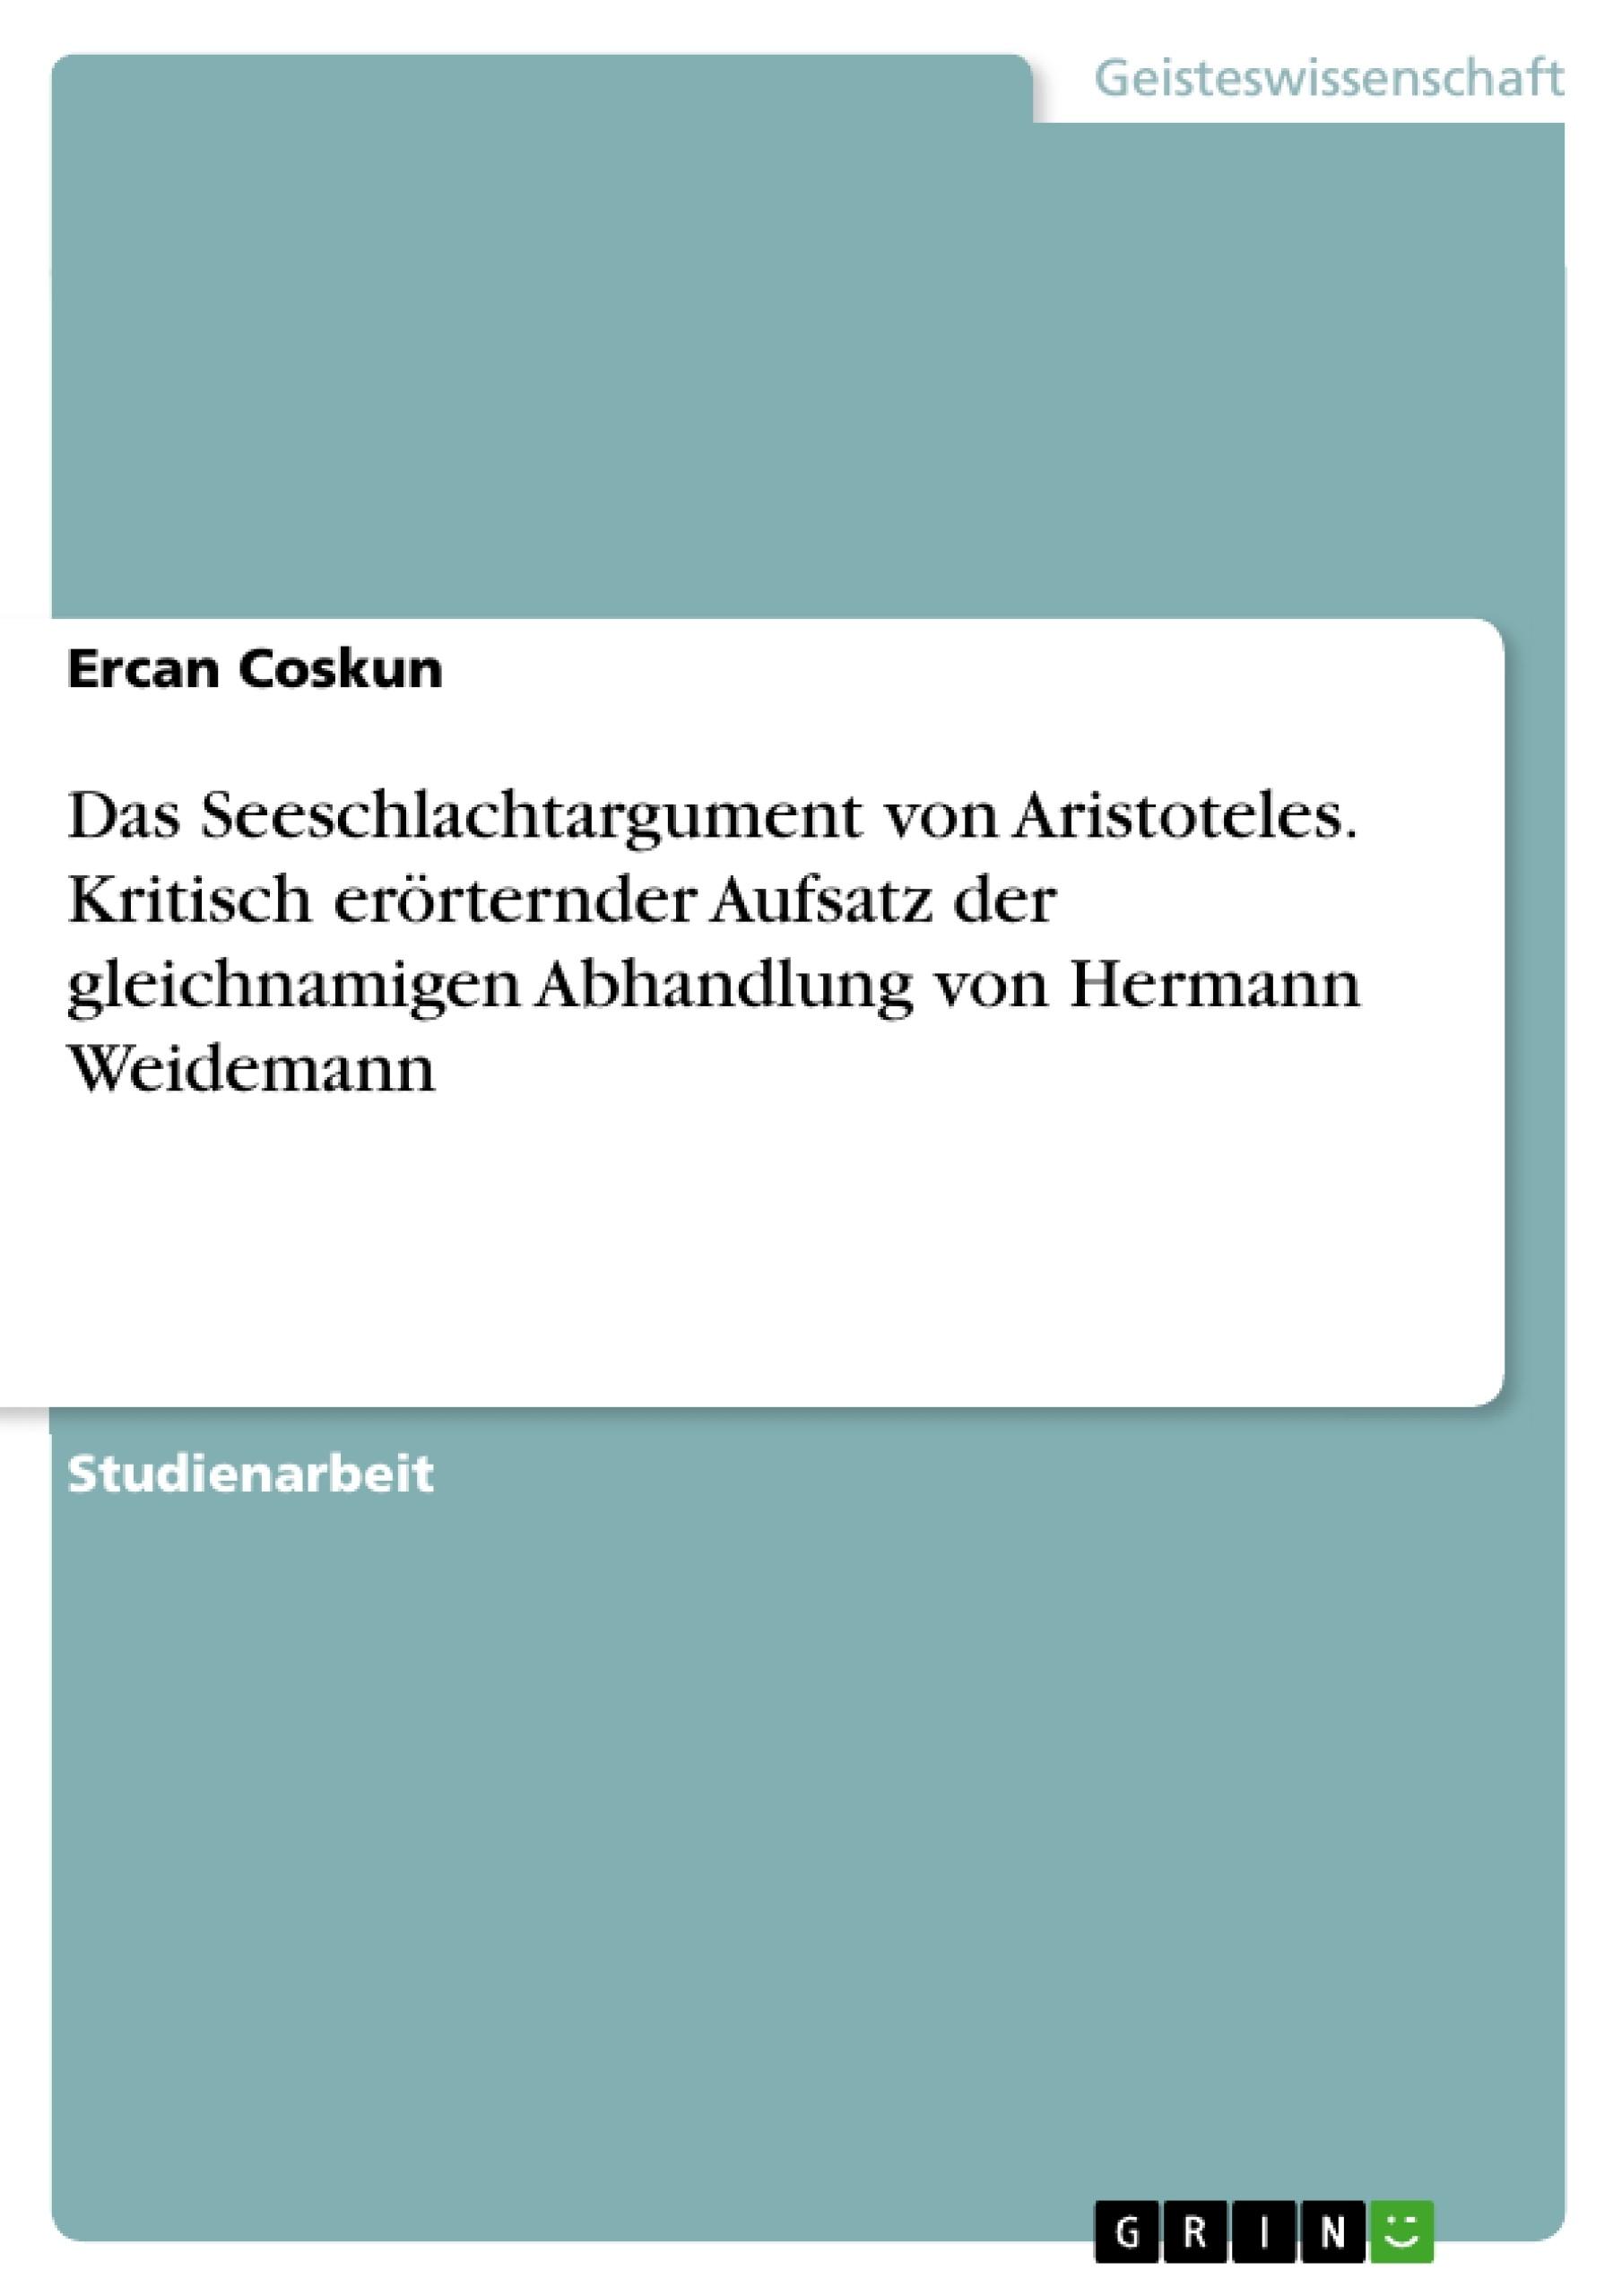 Titel: Das Seeschlachtargument von Aristoteles. Kritisch erörternder Aufsatz der gleichnamigen Abhandlung von Hermann Weidemann